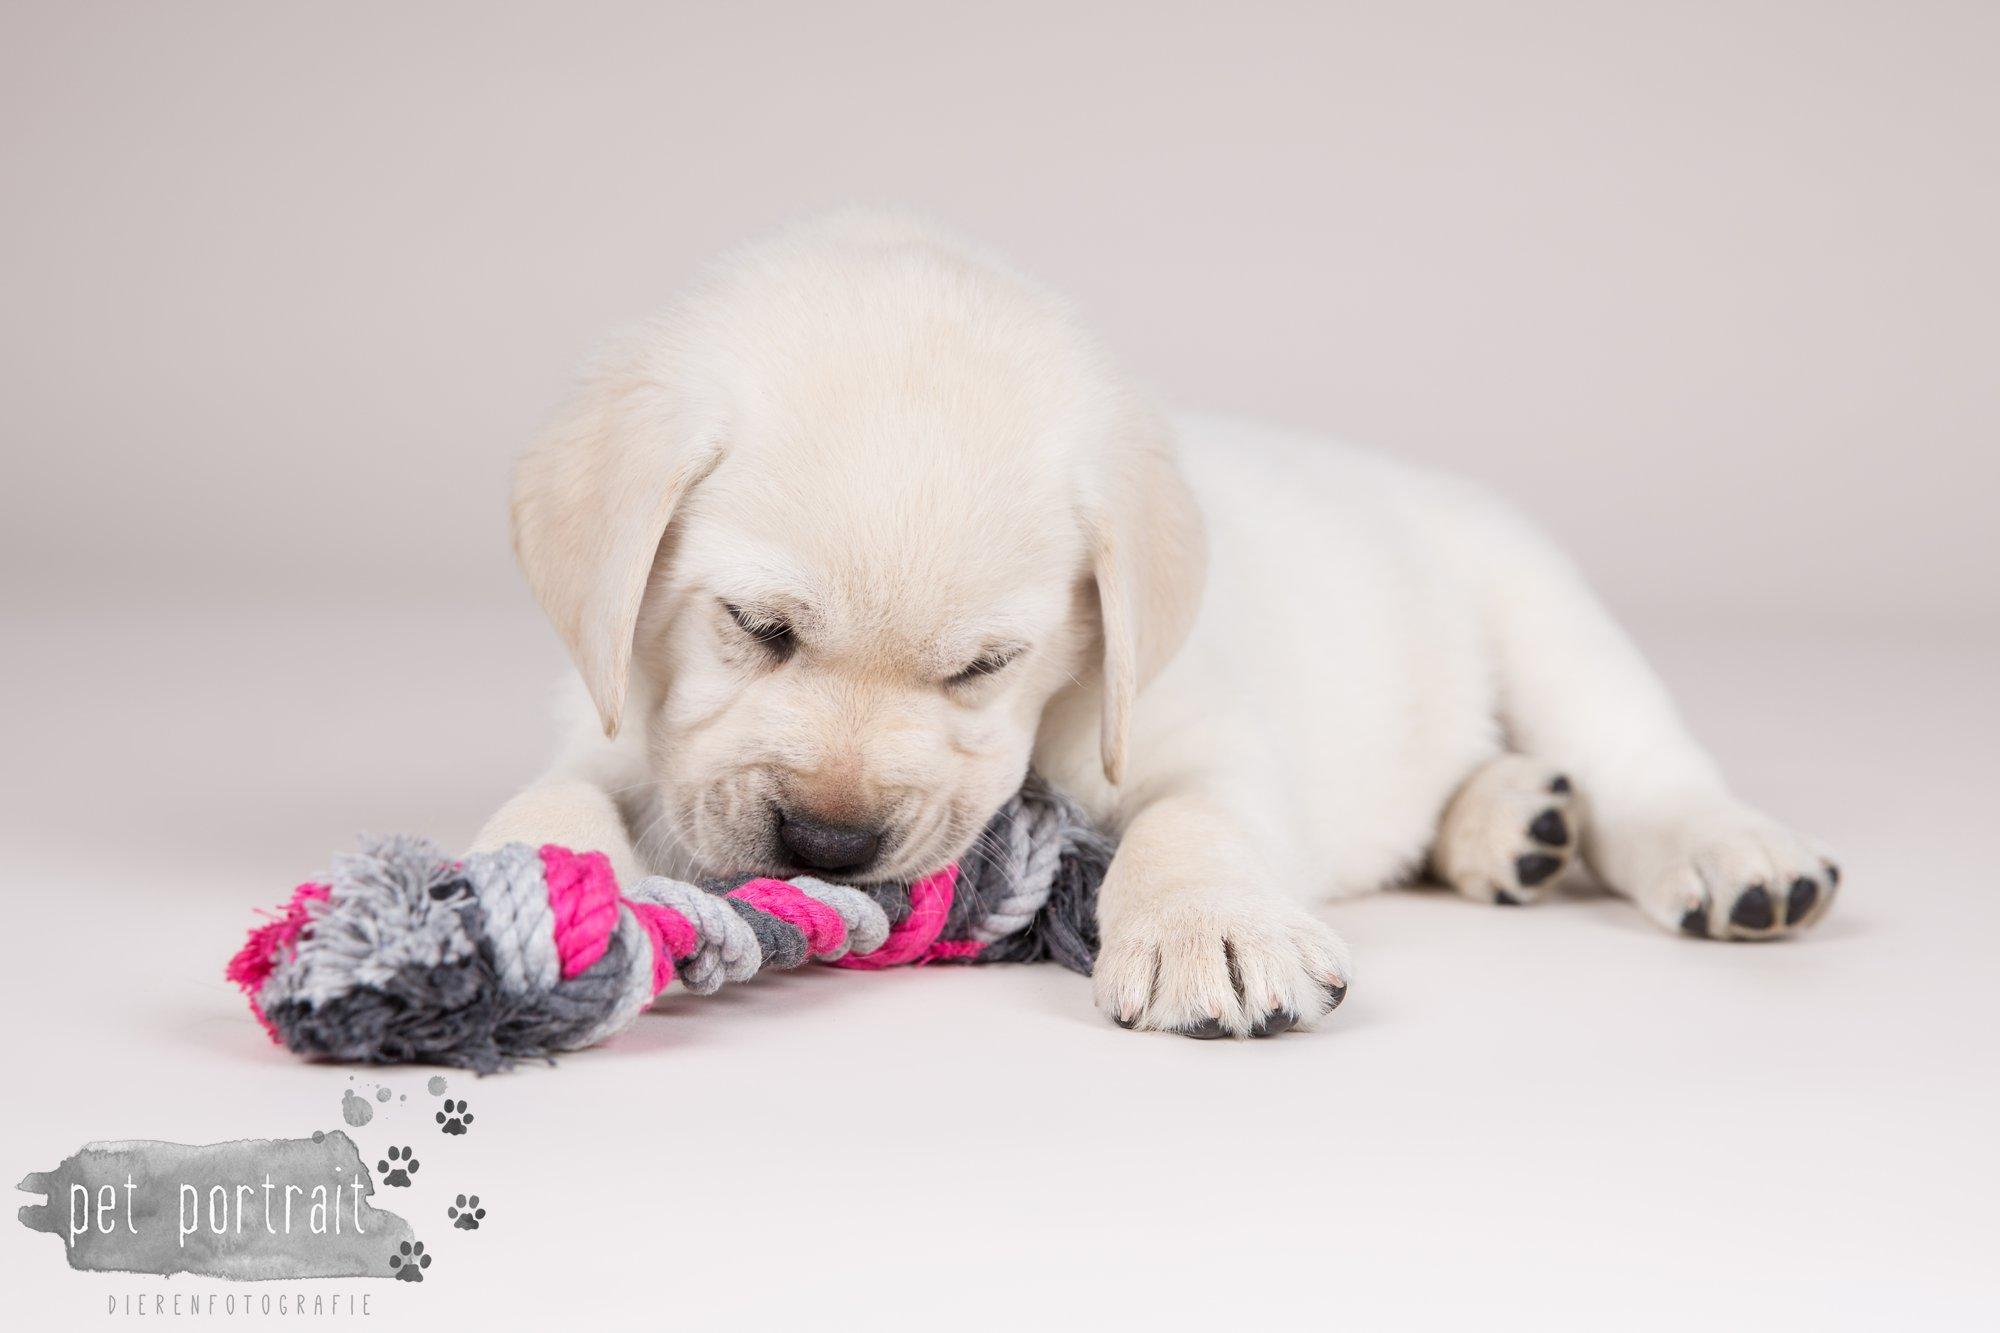 Hondenfotograaf Hillegom - Nestfotoshoot voor Labrador pups-18